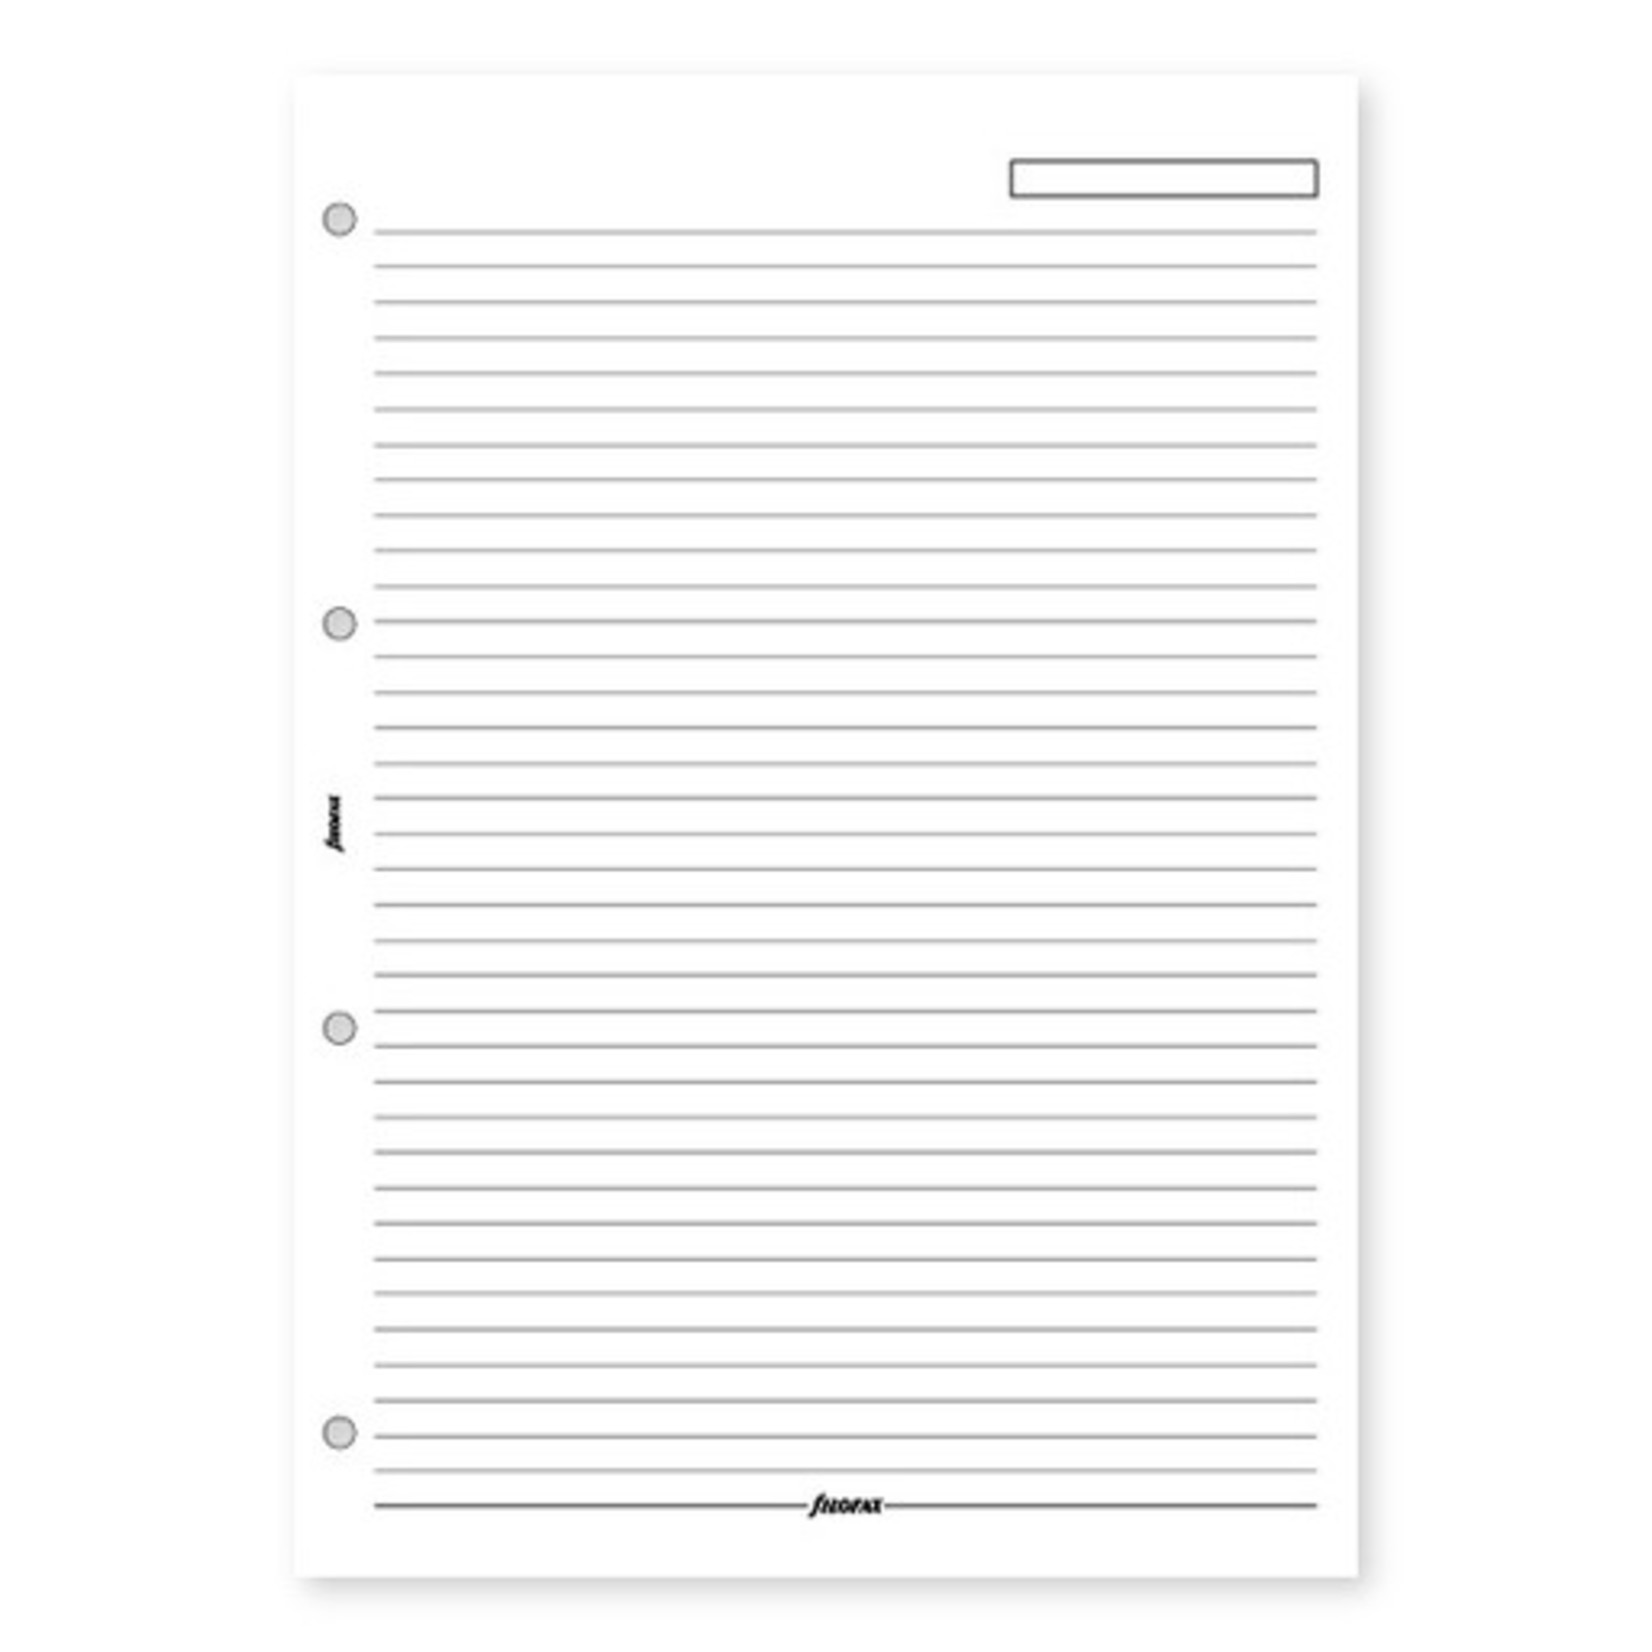 Filofax Filofax Einlage A4, Notizblätter, liniert weiß